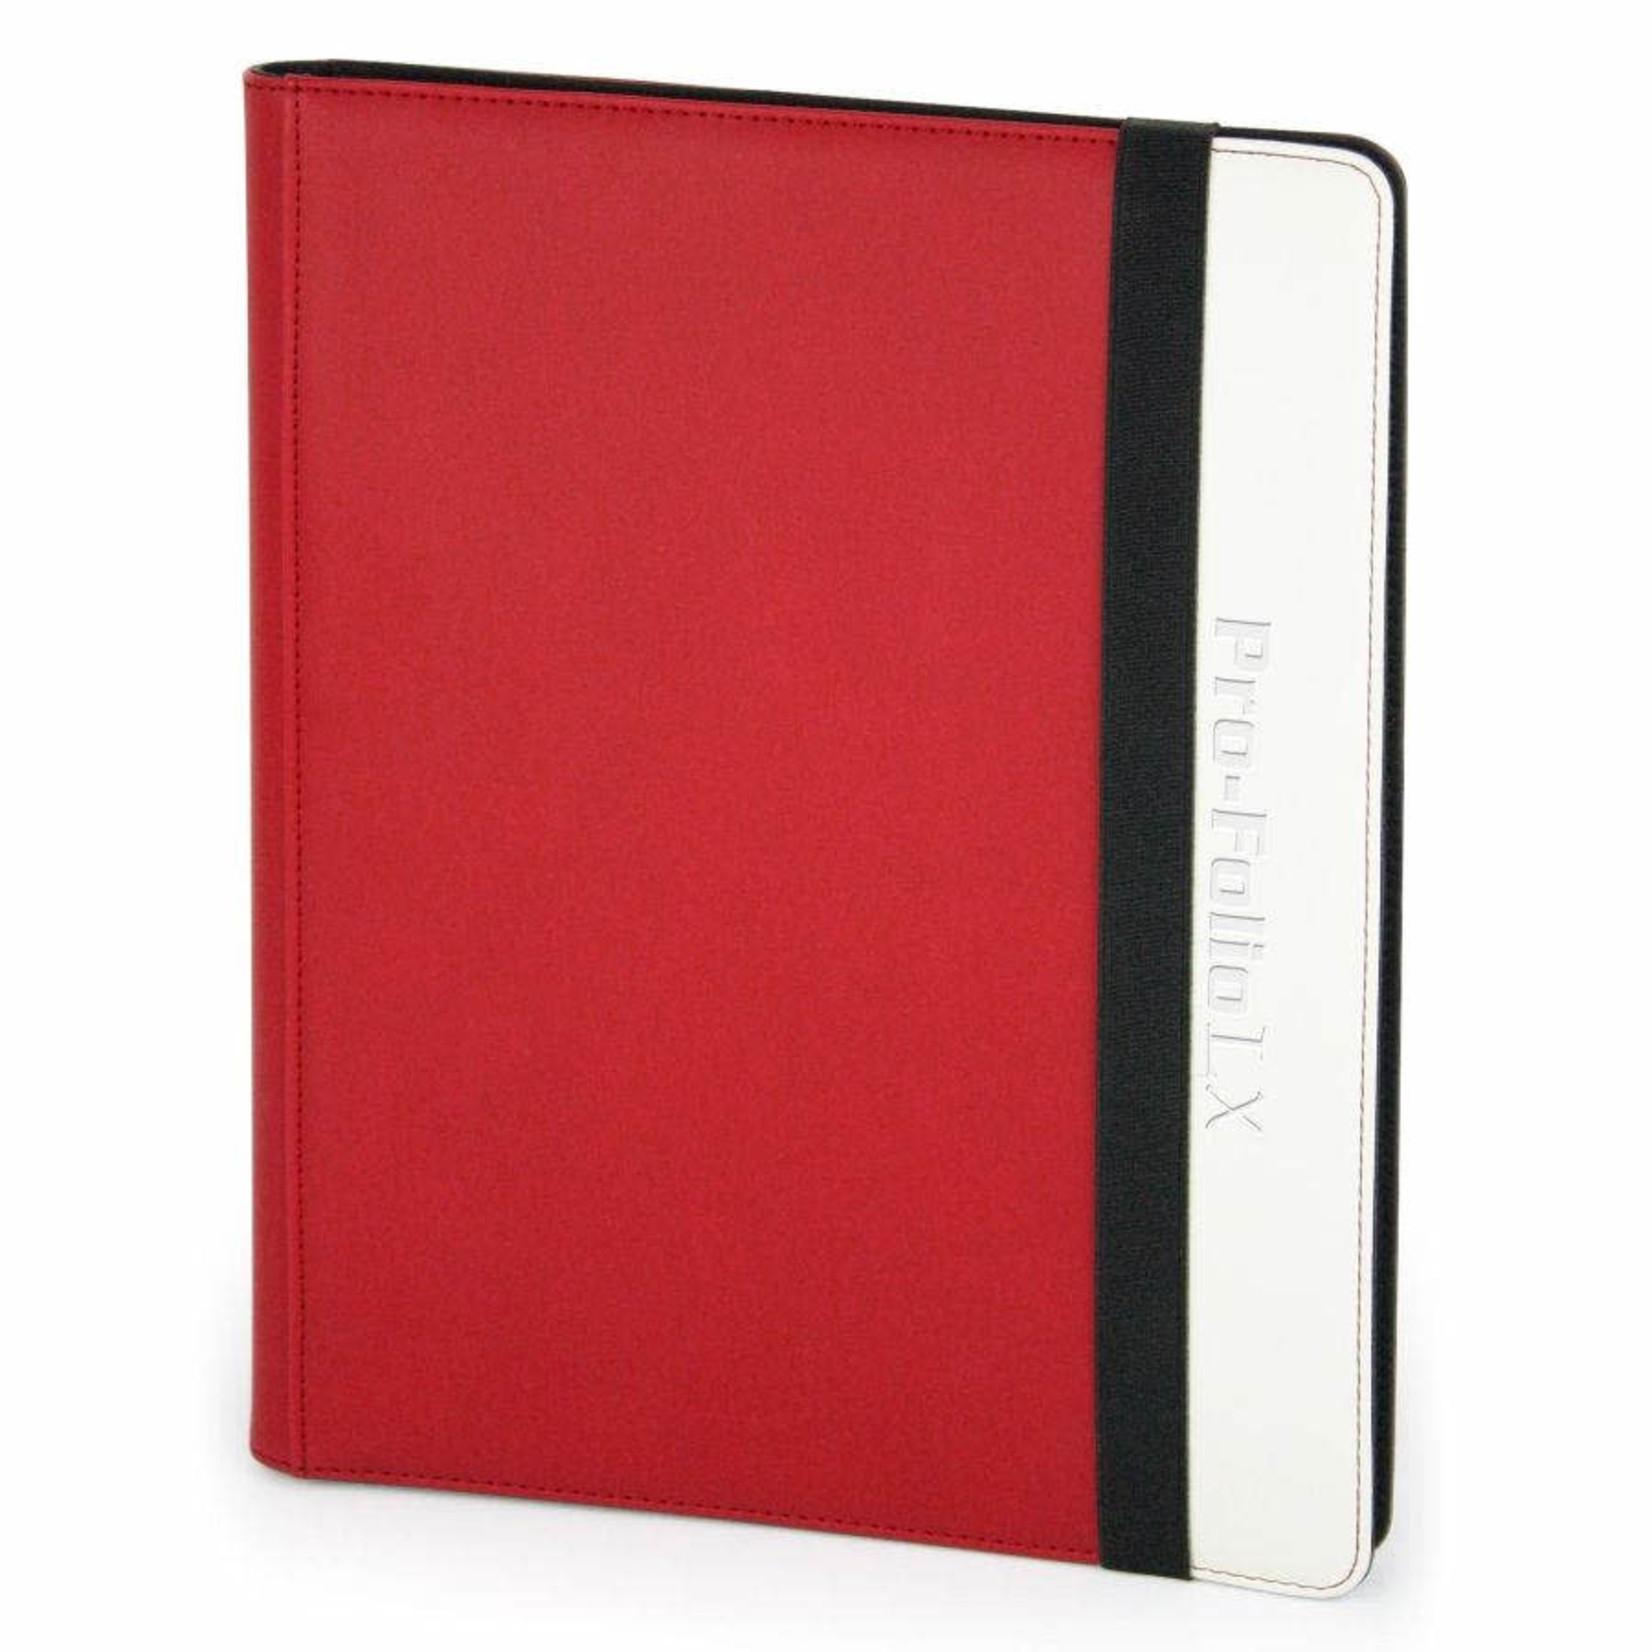 BCW Supplies Pro-Folio - 9-Pocket LX Red/White